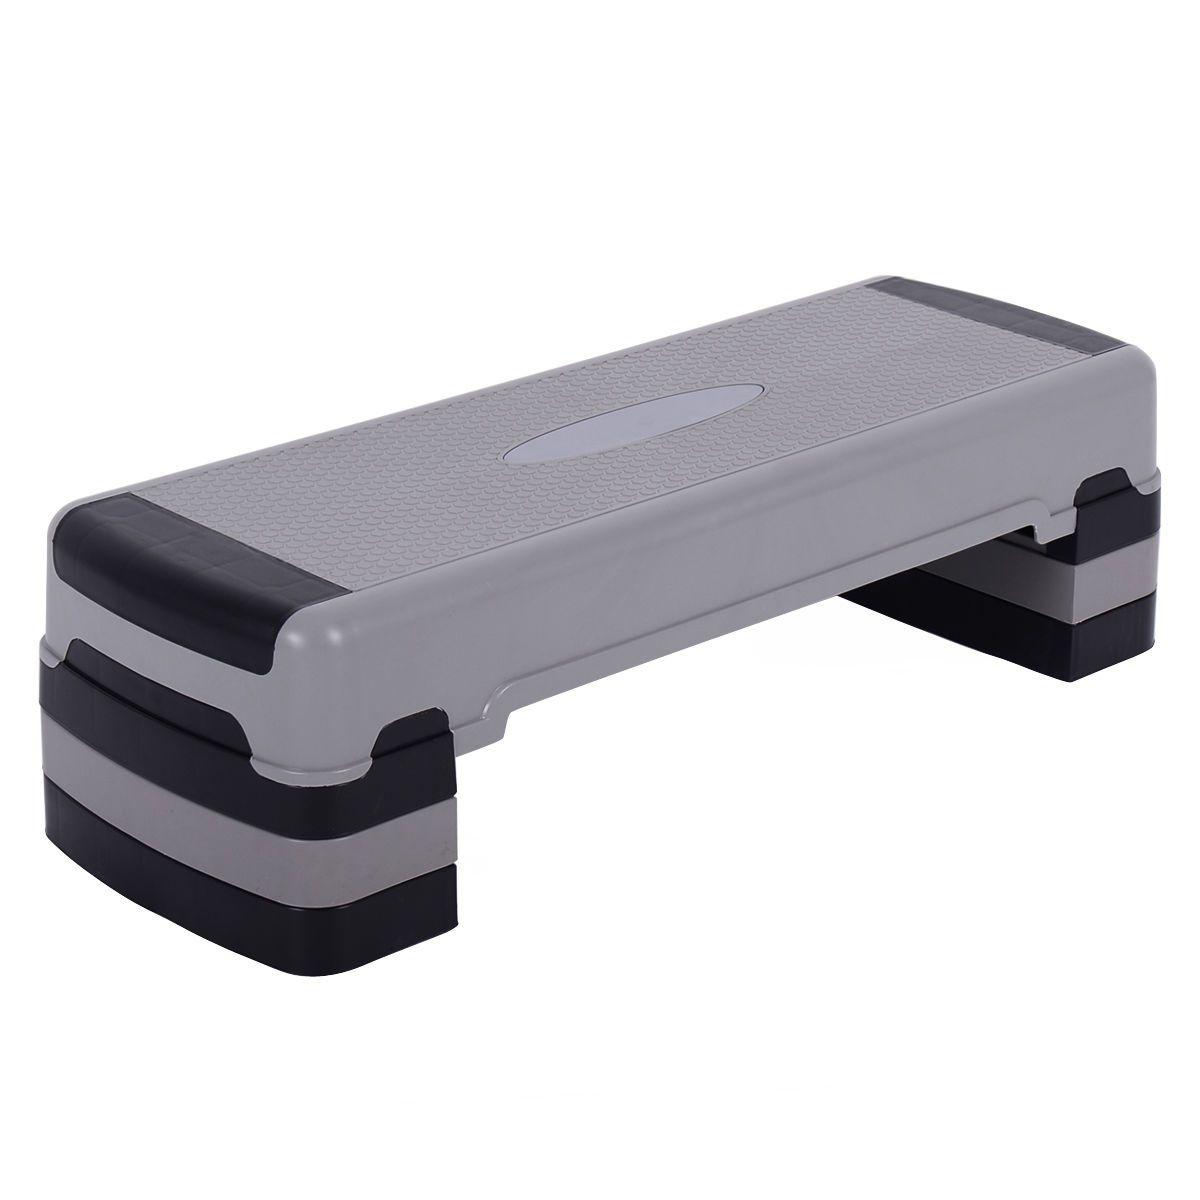 35 Fitness Aerobic Step Cardio Adjustable 6 8 10 Exercise Stepper W Risers Aerobic Exercise Aerobics Aerobic Steps